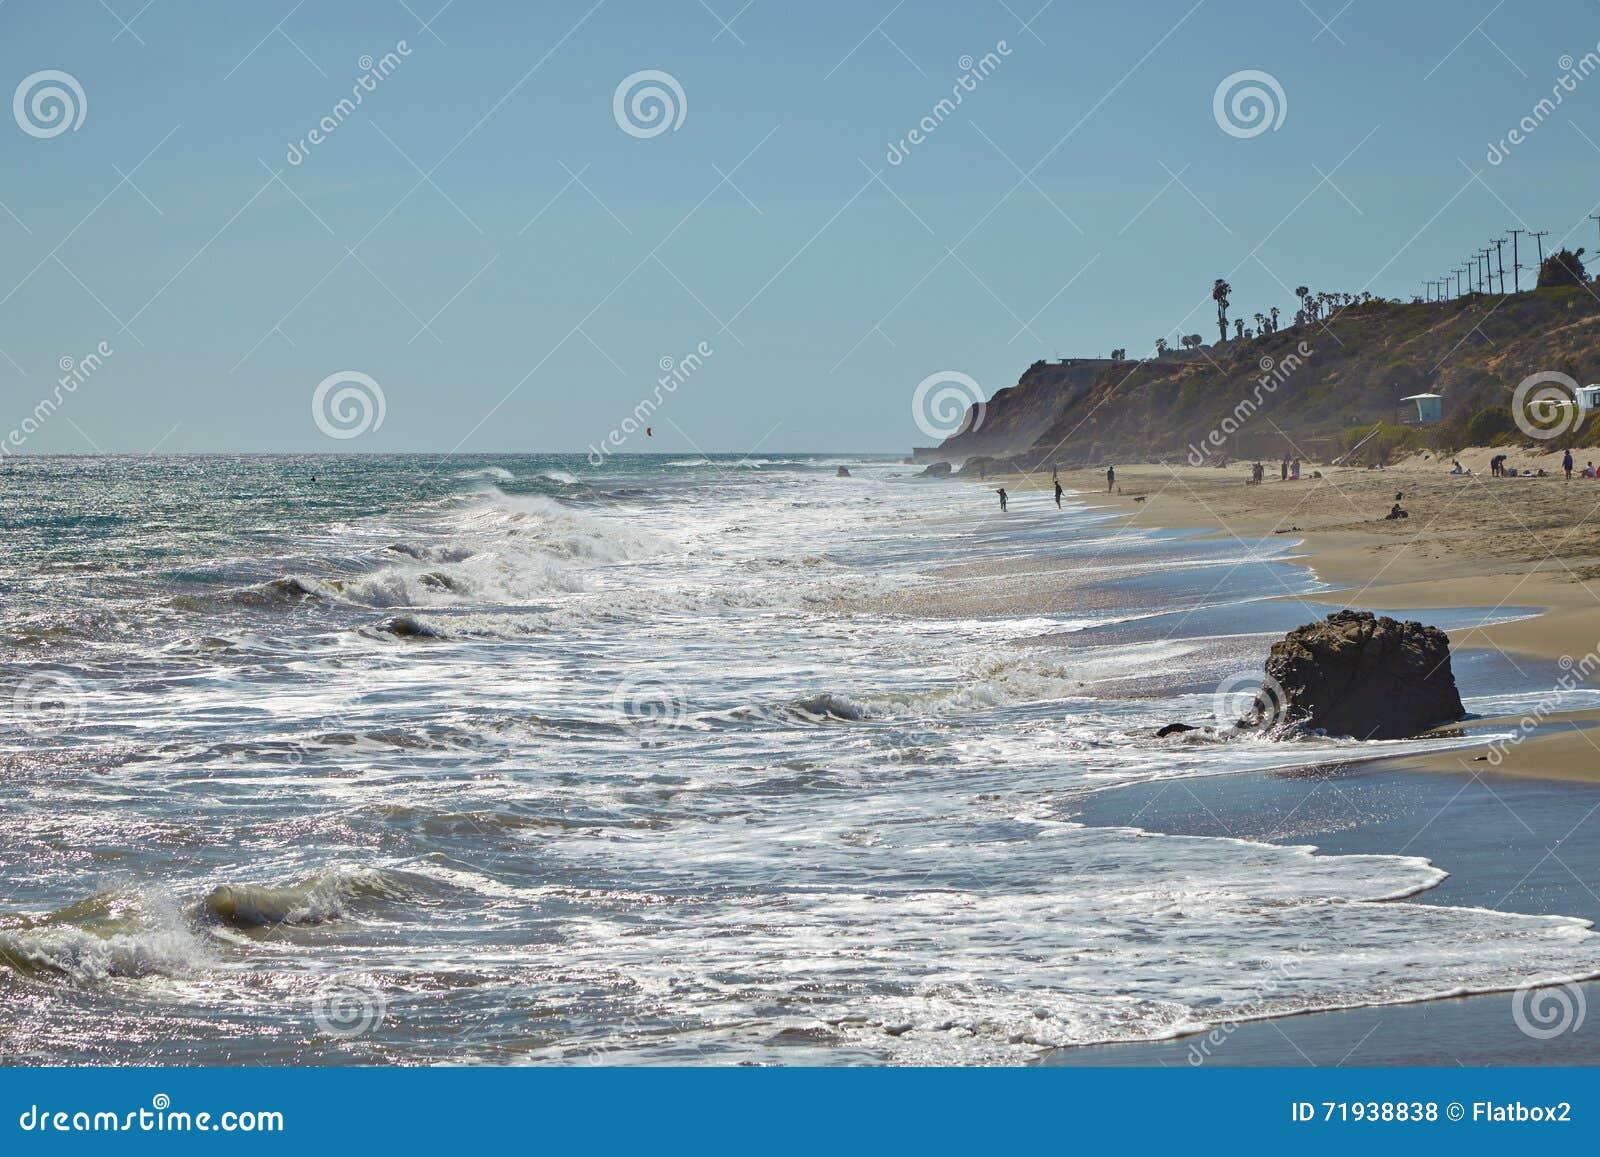 Калифорнийские прибрежные берега: Пляжи Malibu